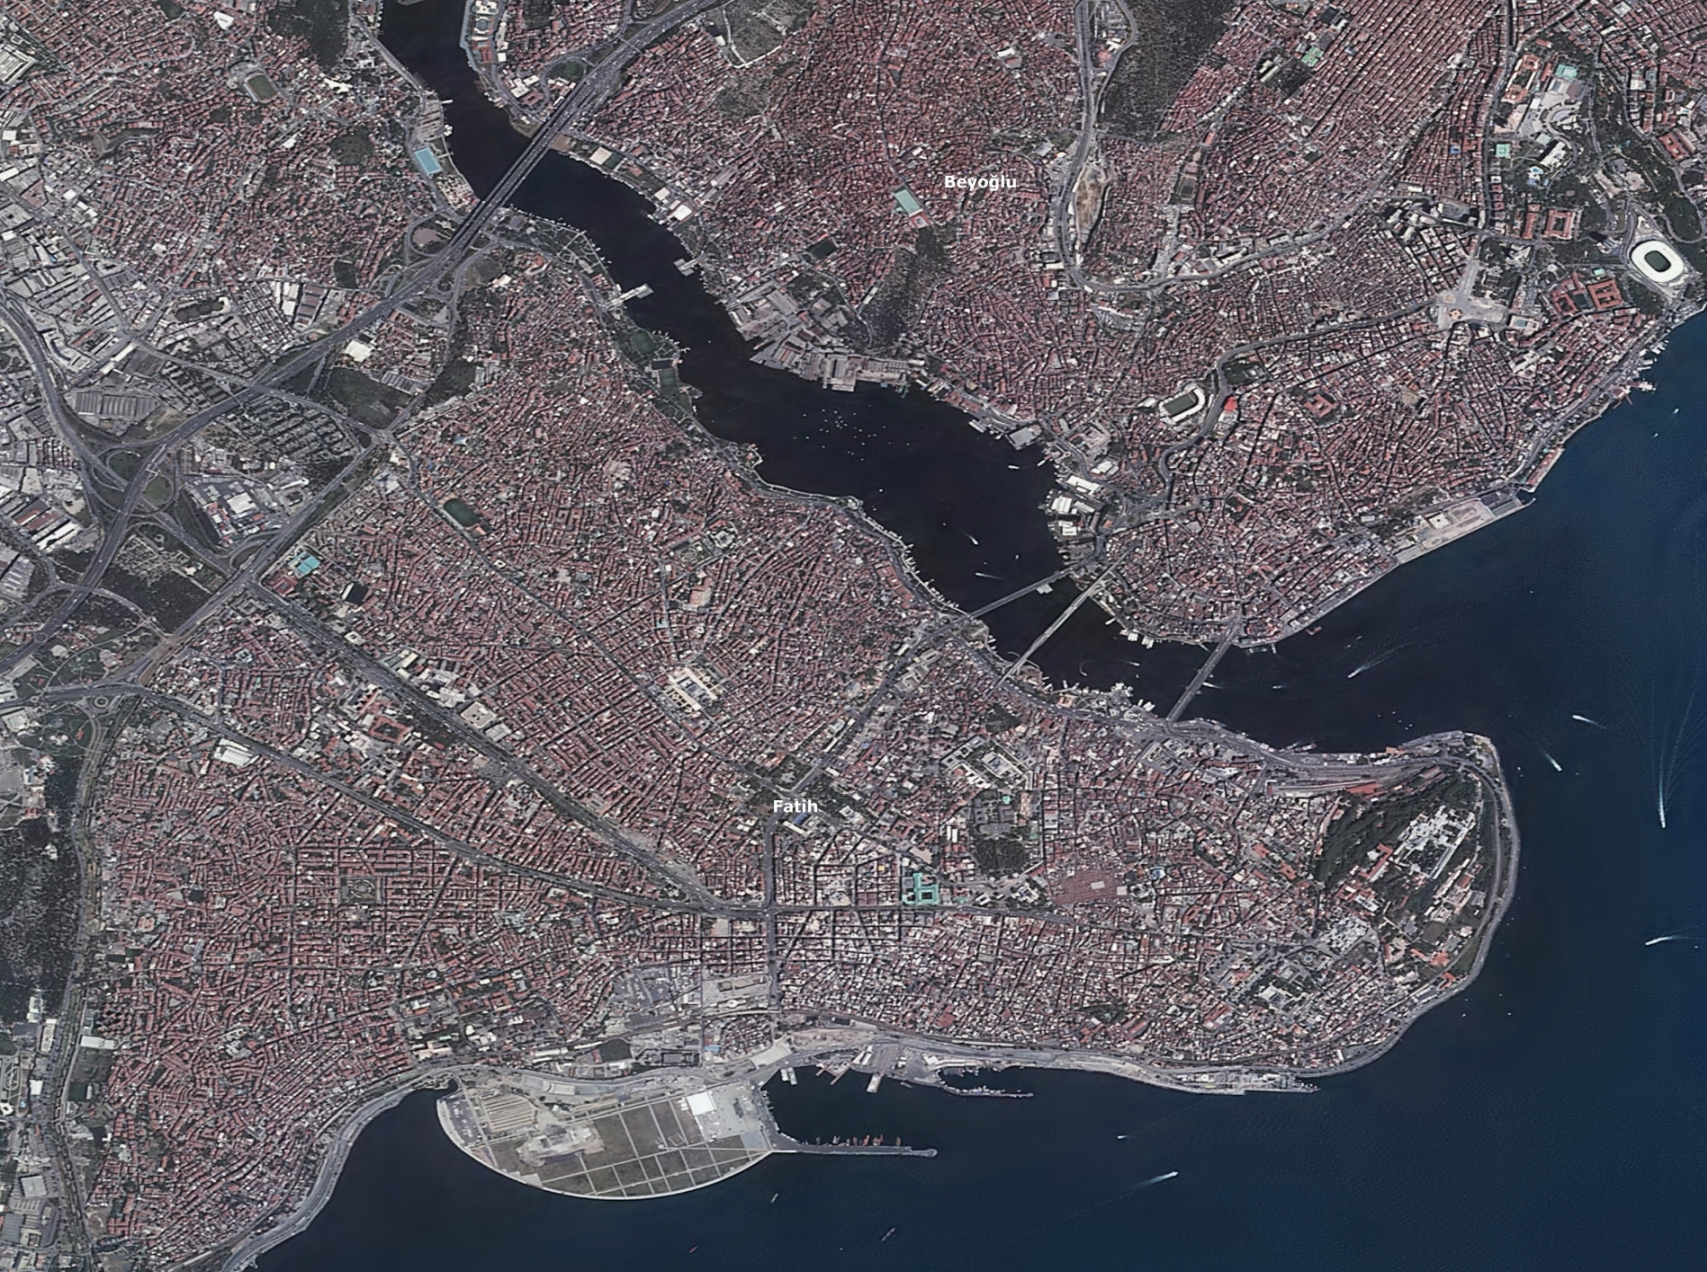 GK2_IstanbulMozaik_14k